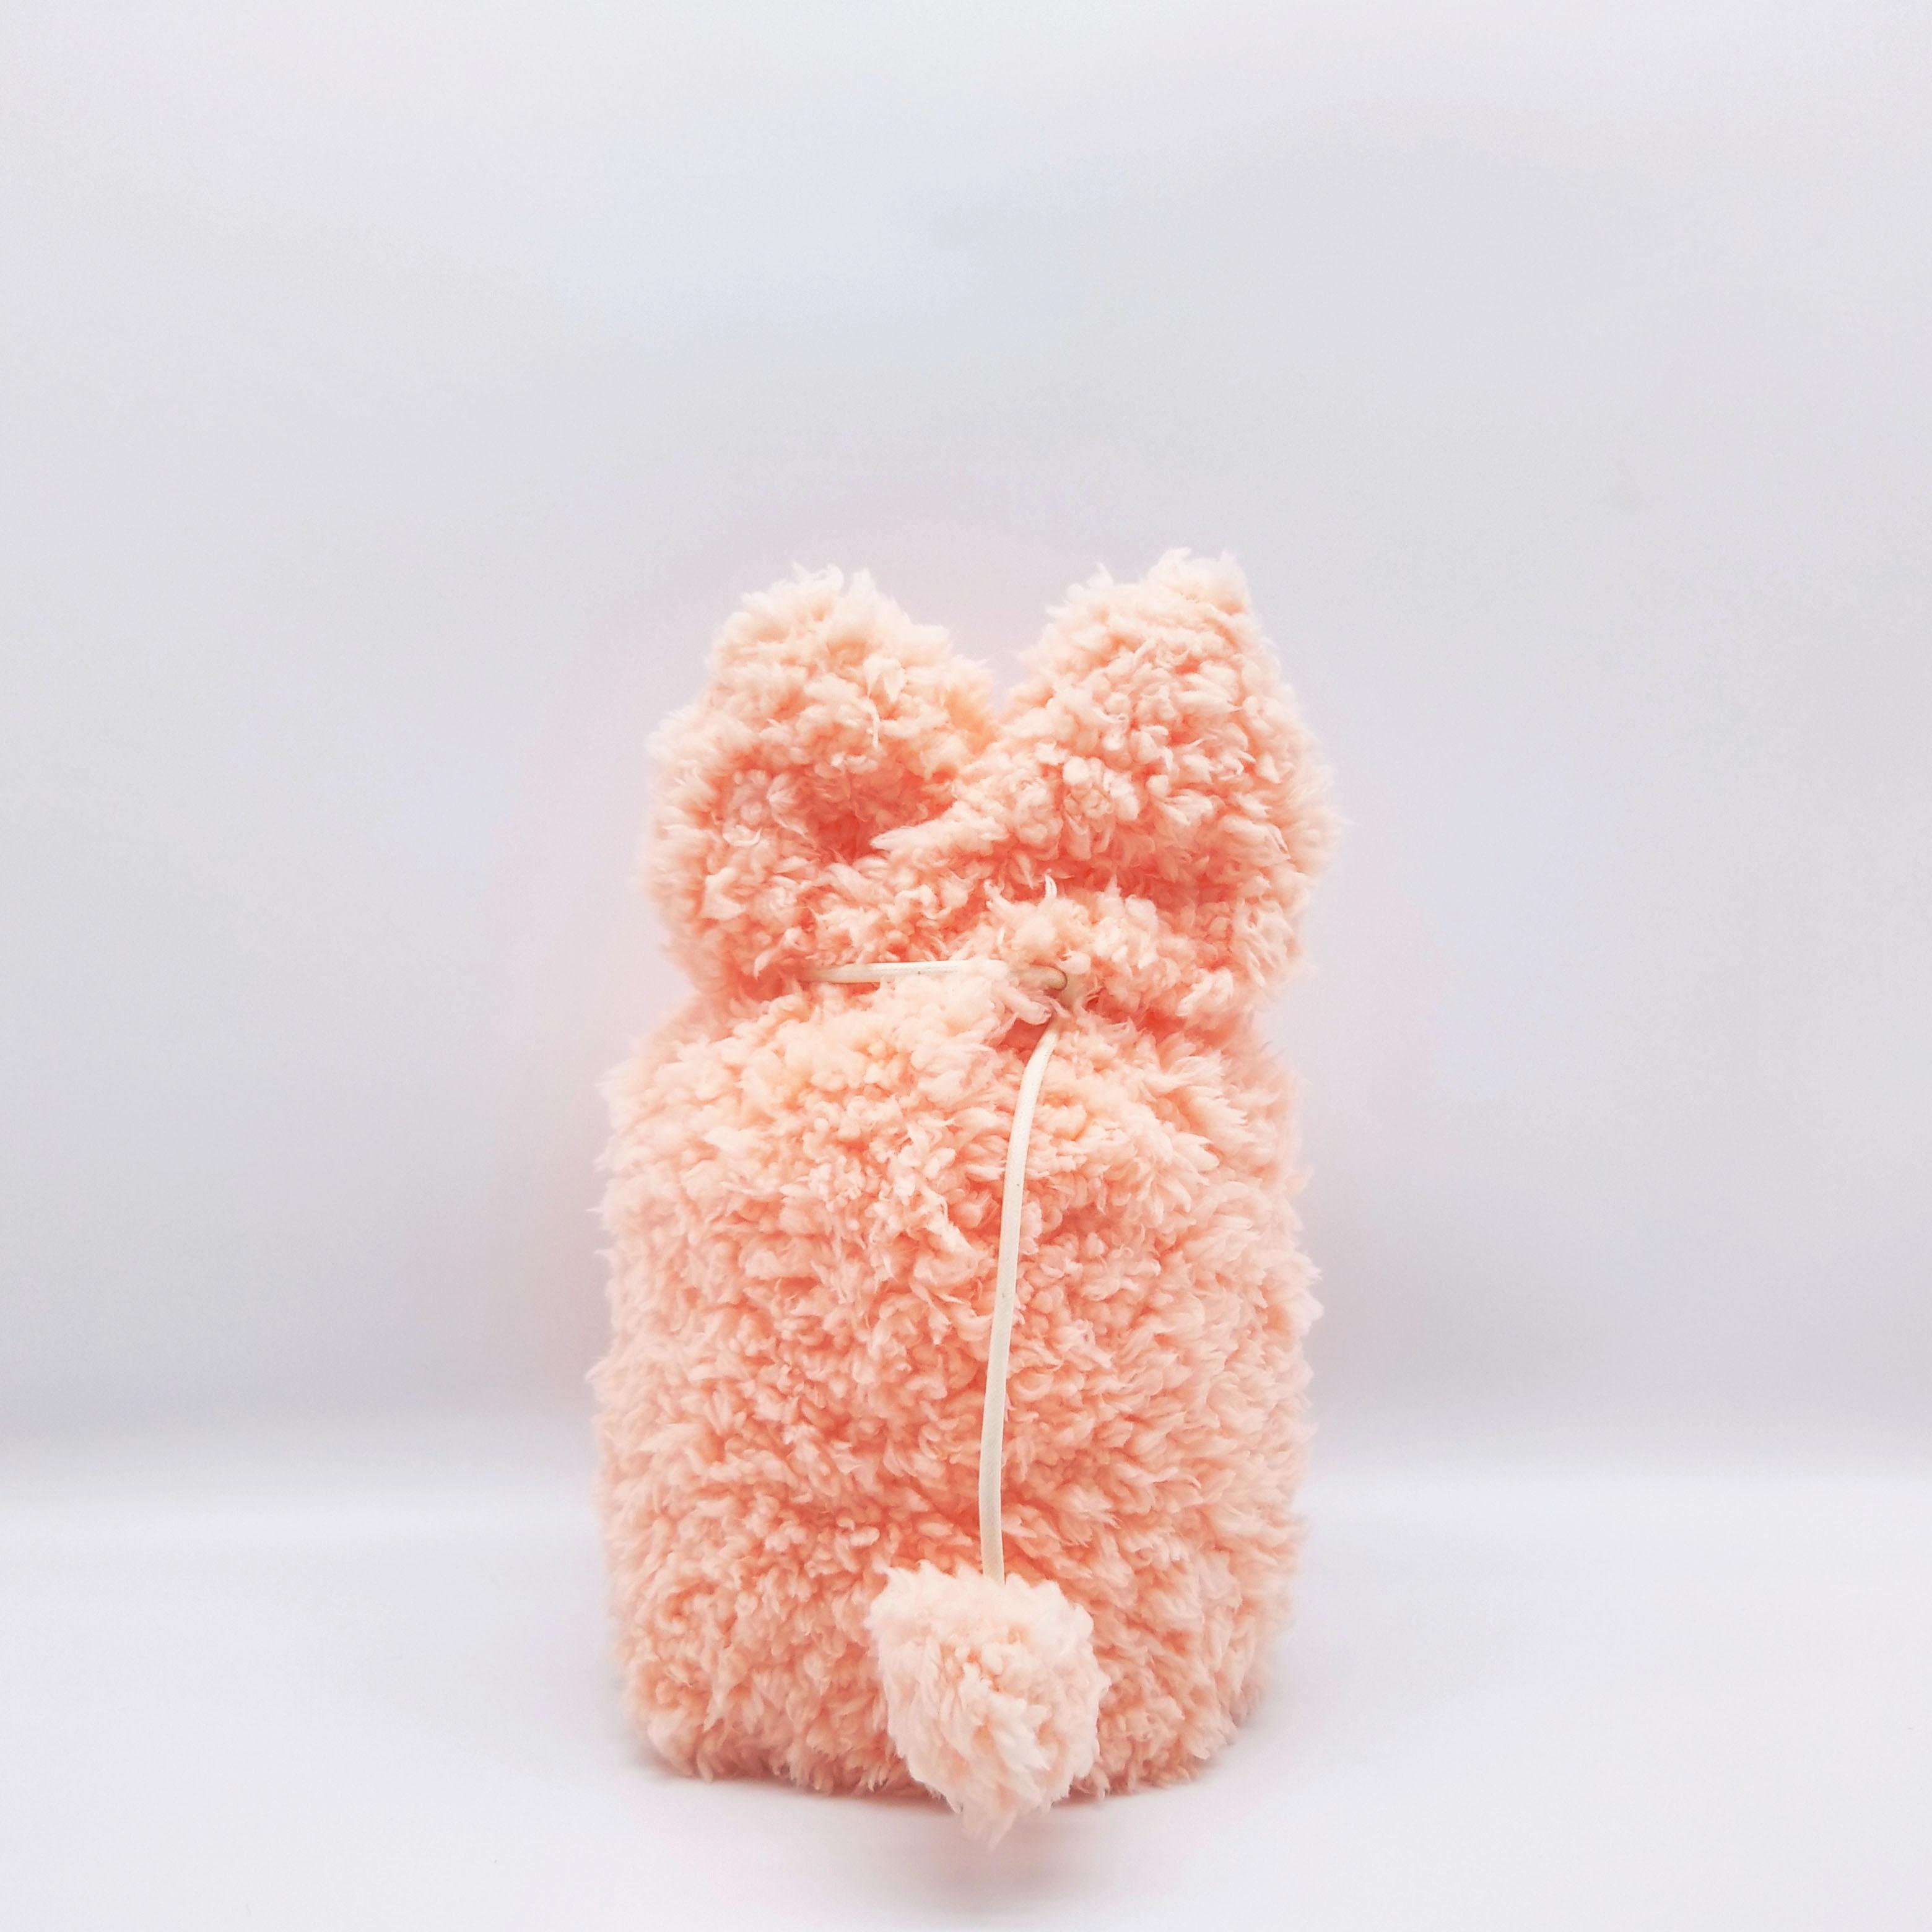 7月 マンスリーグッズスペシャル! ふわもこカバー【選べる4色】中型犬サイズ 5寸用